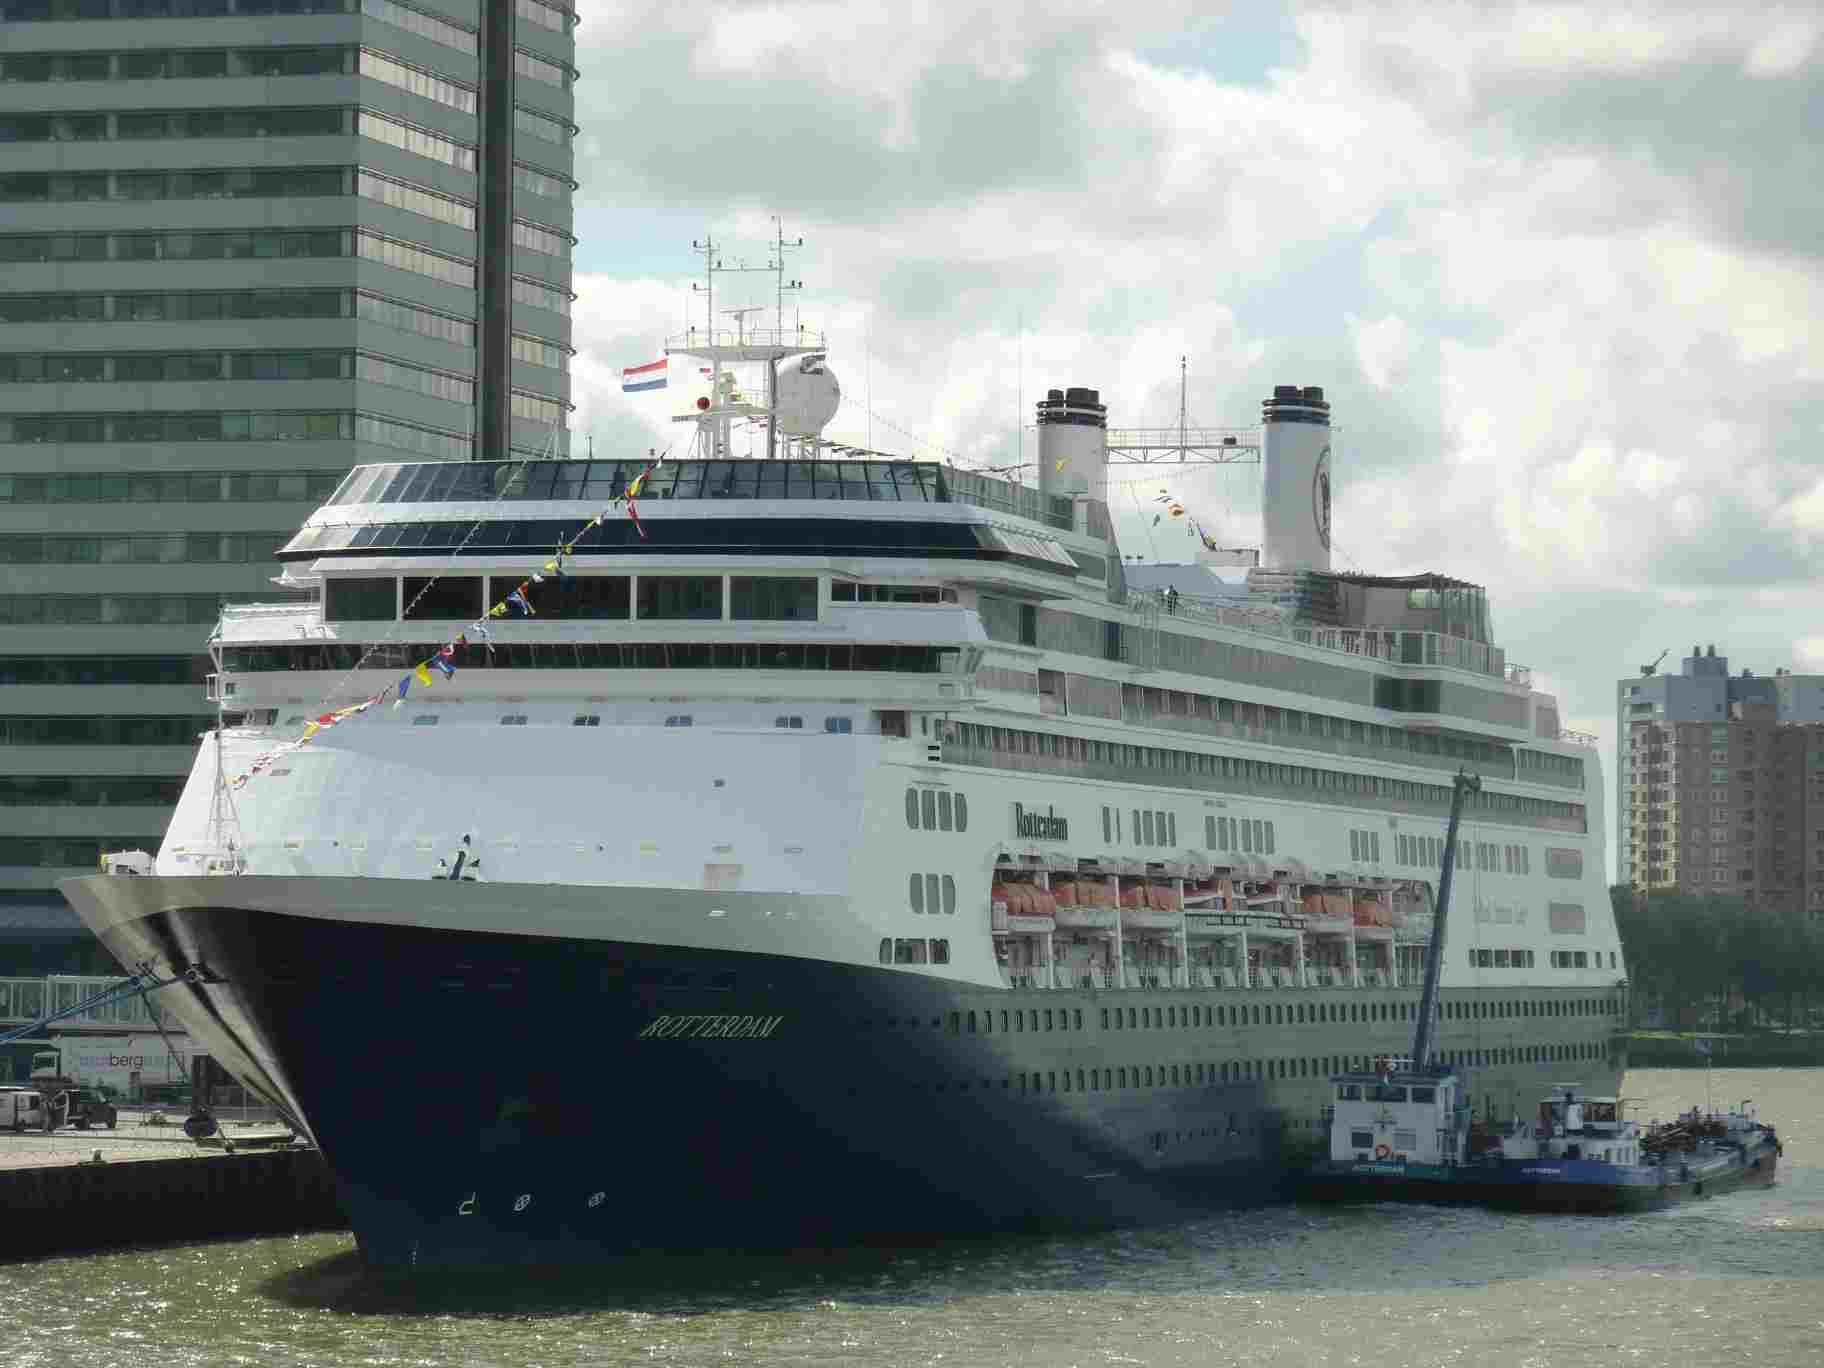 MS Rotterdam Cruisereiziger - Ms rotterdam